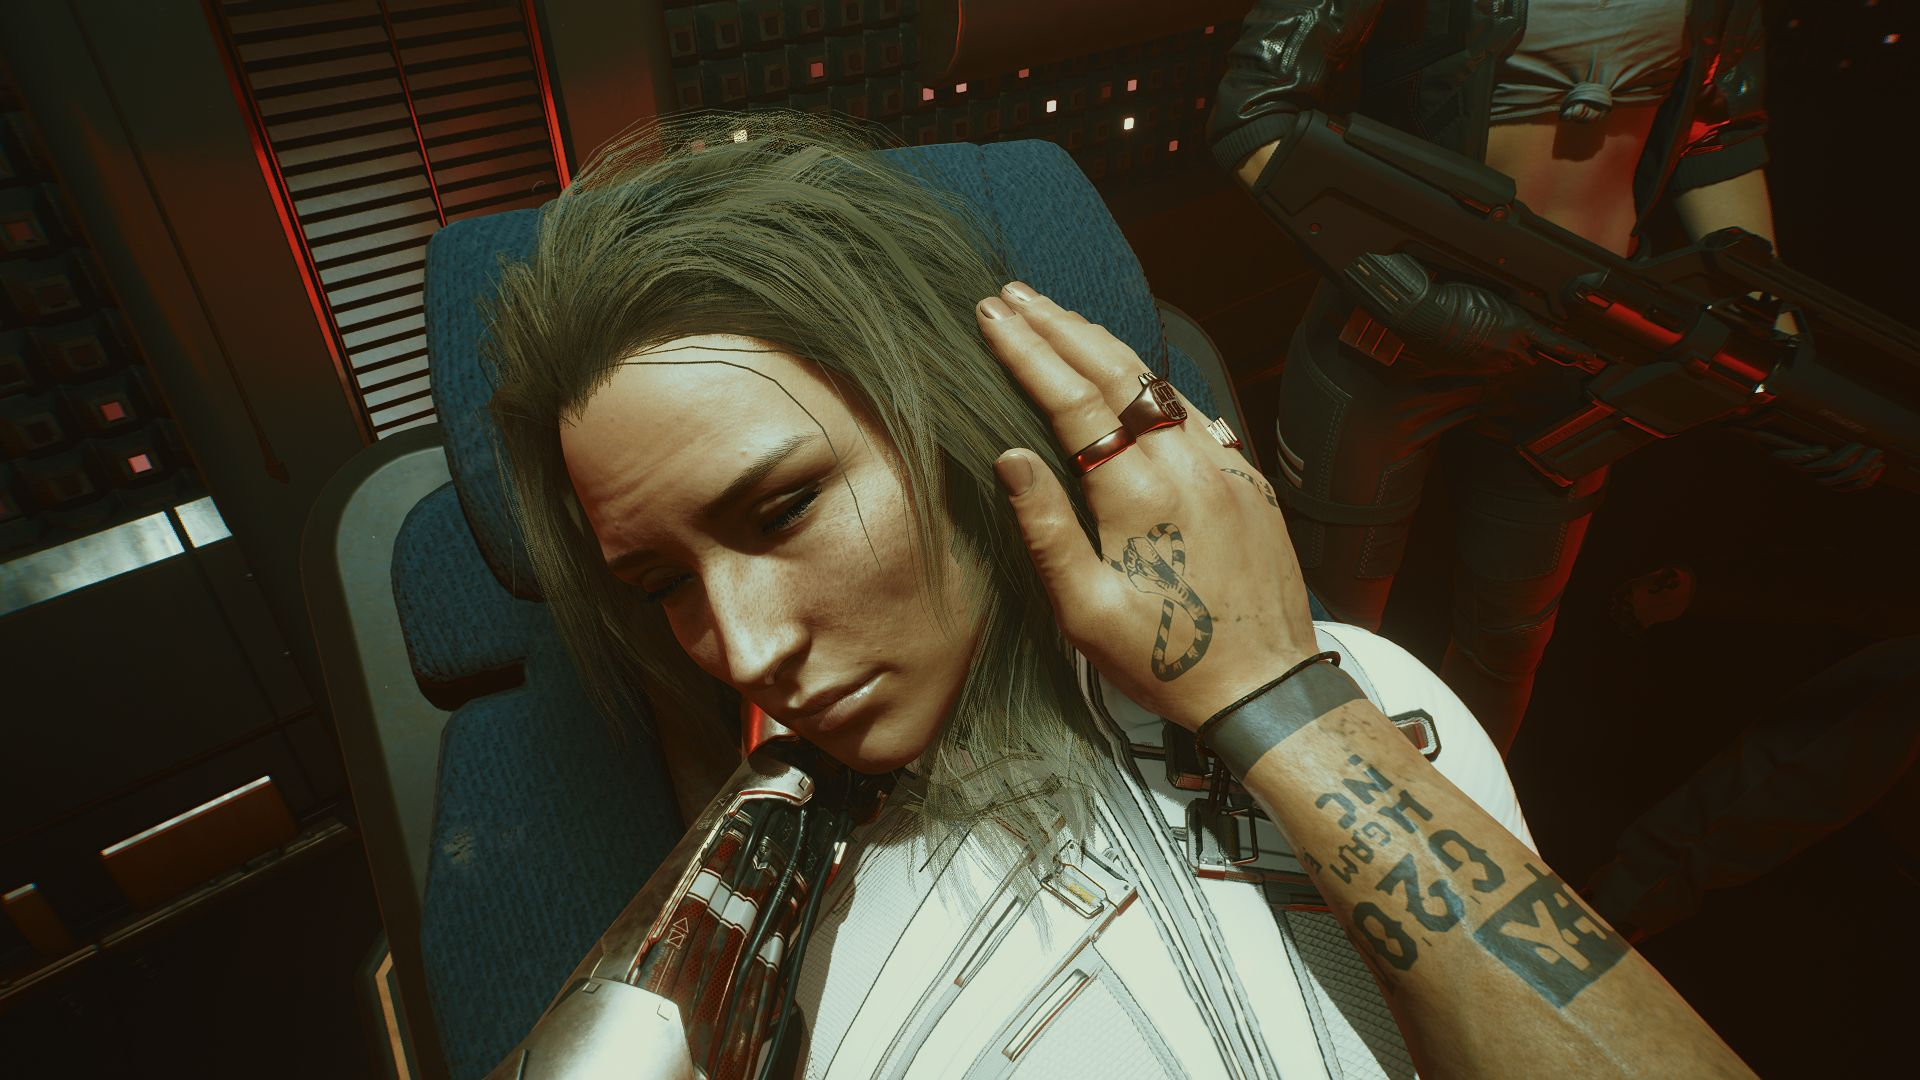 000276.Jpg - Cyberpunk 2077